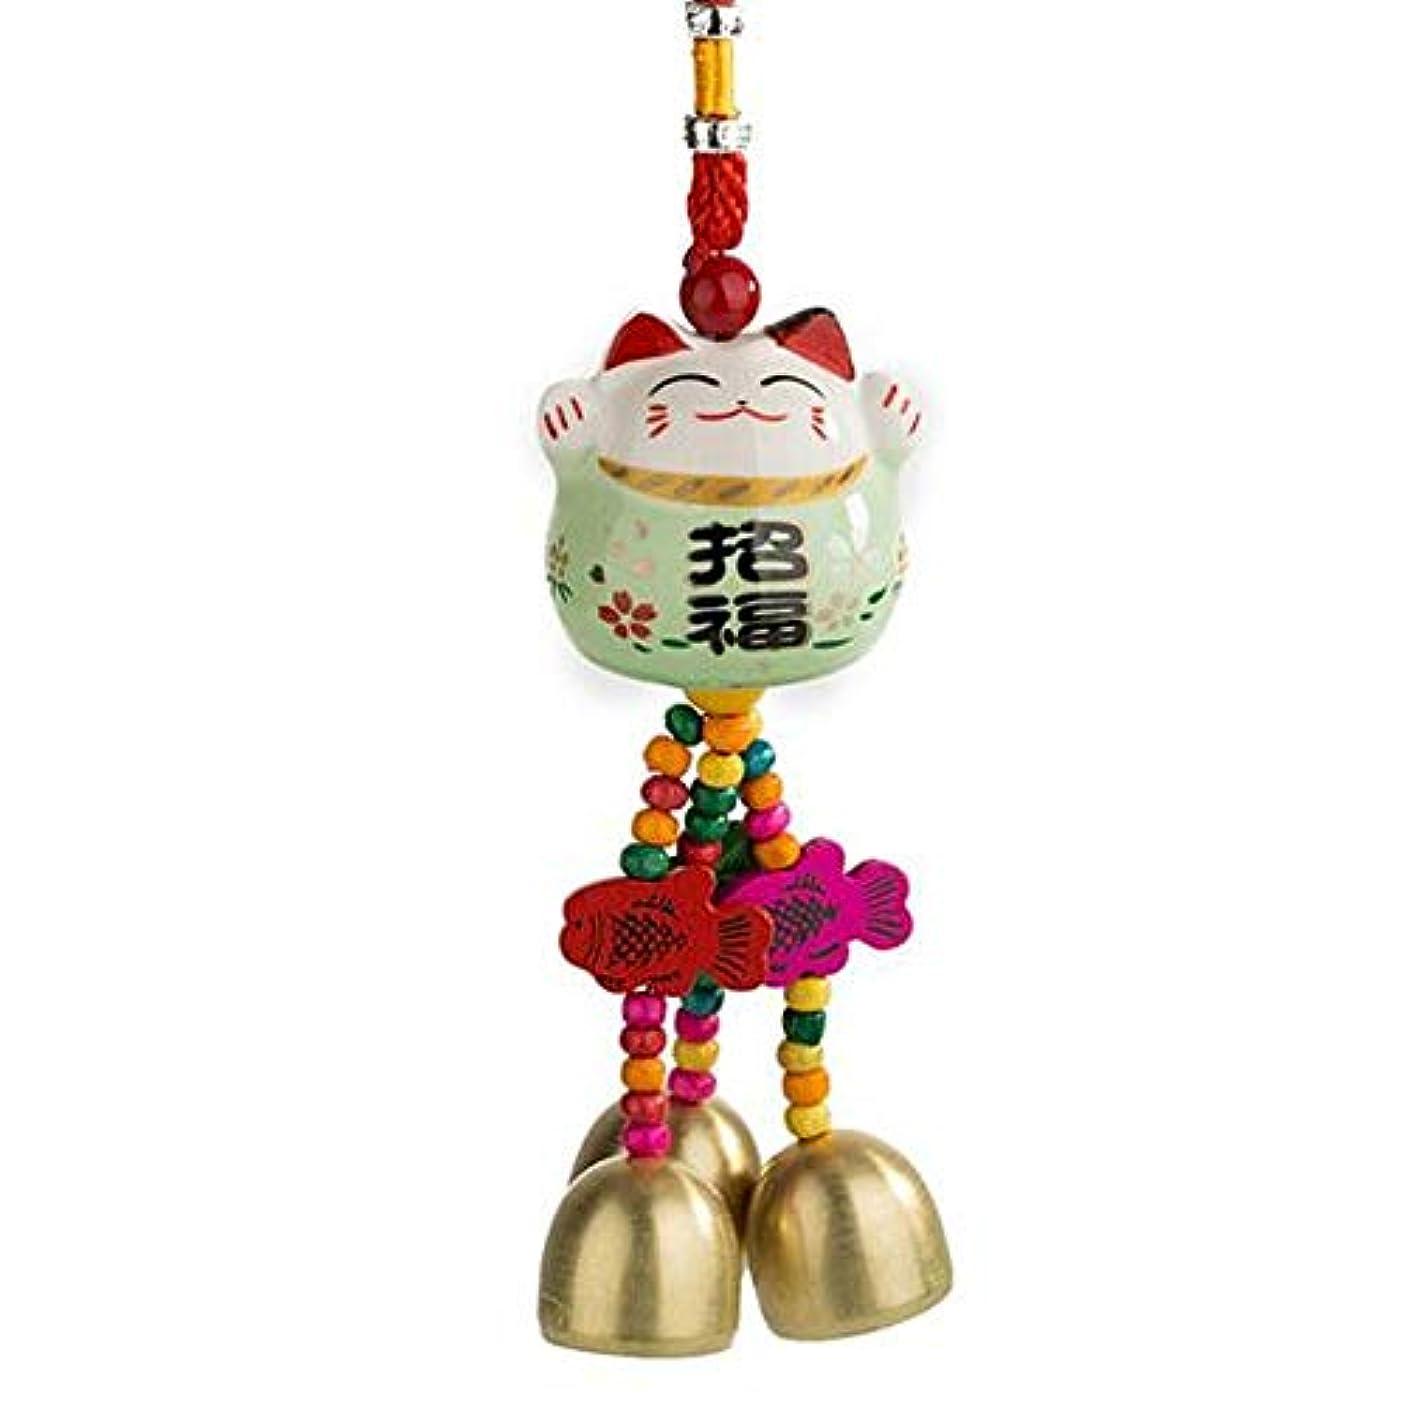 コートスカープシャーYoushangshipin 風チャイム、かわいいクリエイティブセラミック猫風の鐘、オレンジ、ロング28センチメートル,美しいギフトボックス (Color : Green)